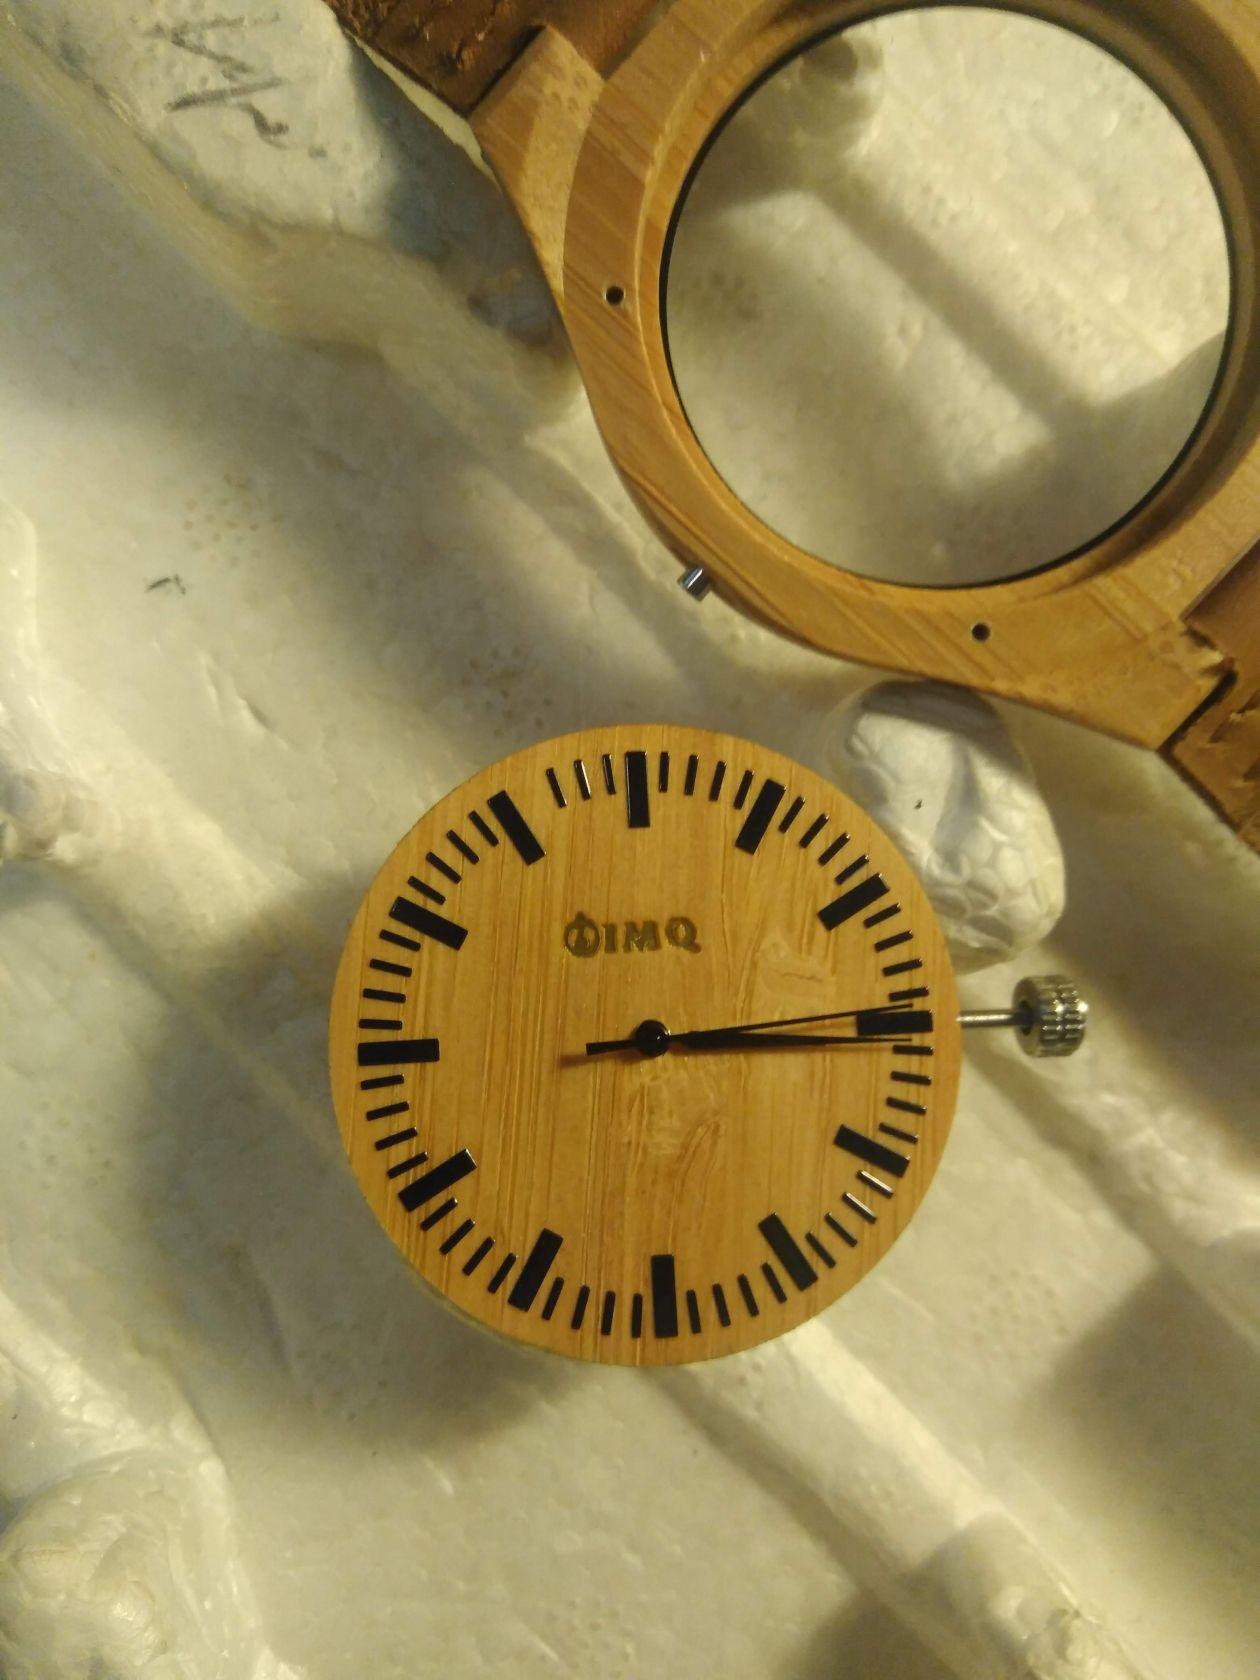 Esfera madera marcada láser CO2, gabación de relojes, relojes publicitario, personalización reloj